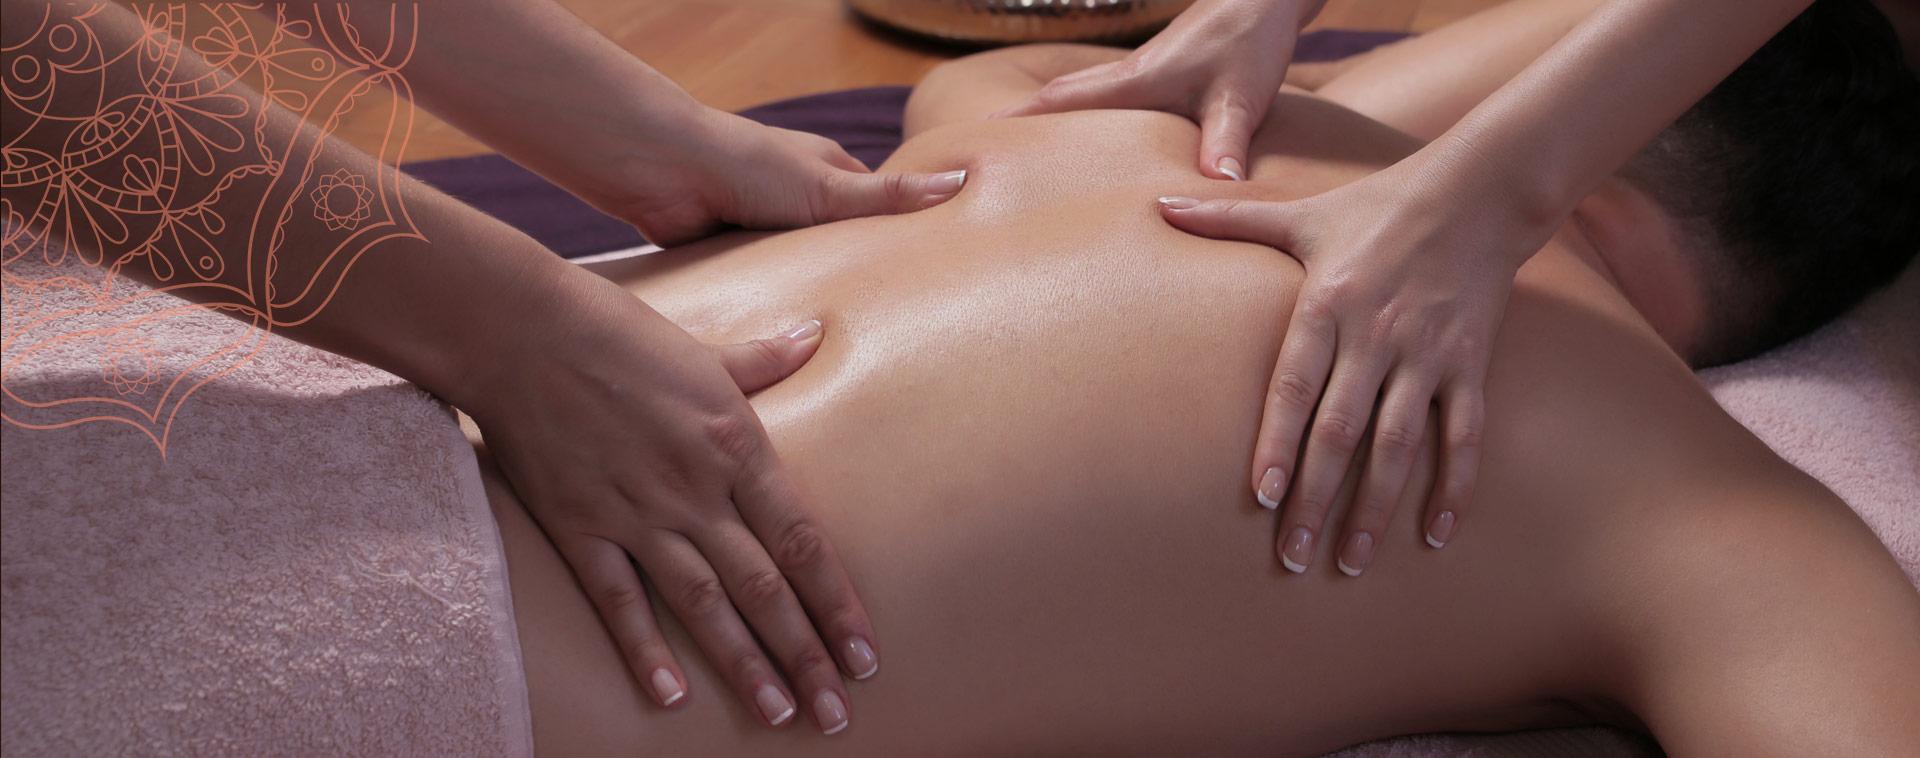 tantrisk massage eskorte sandefjord